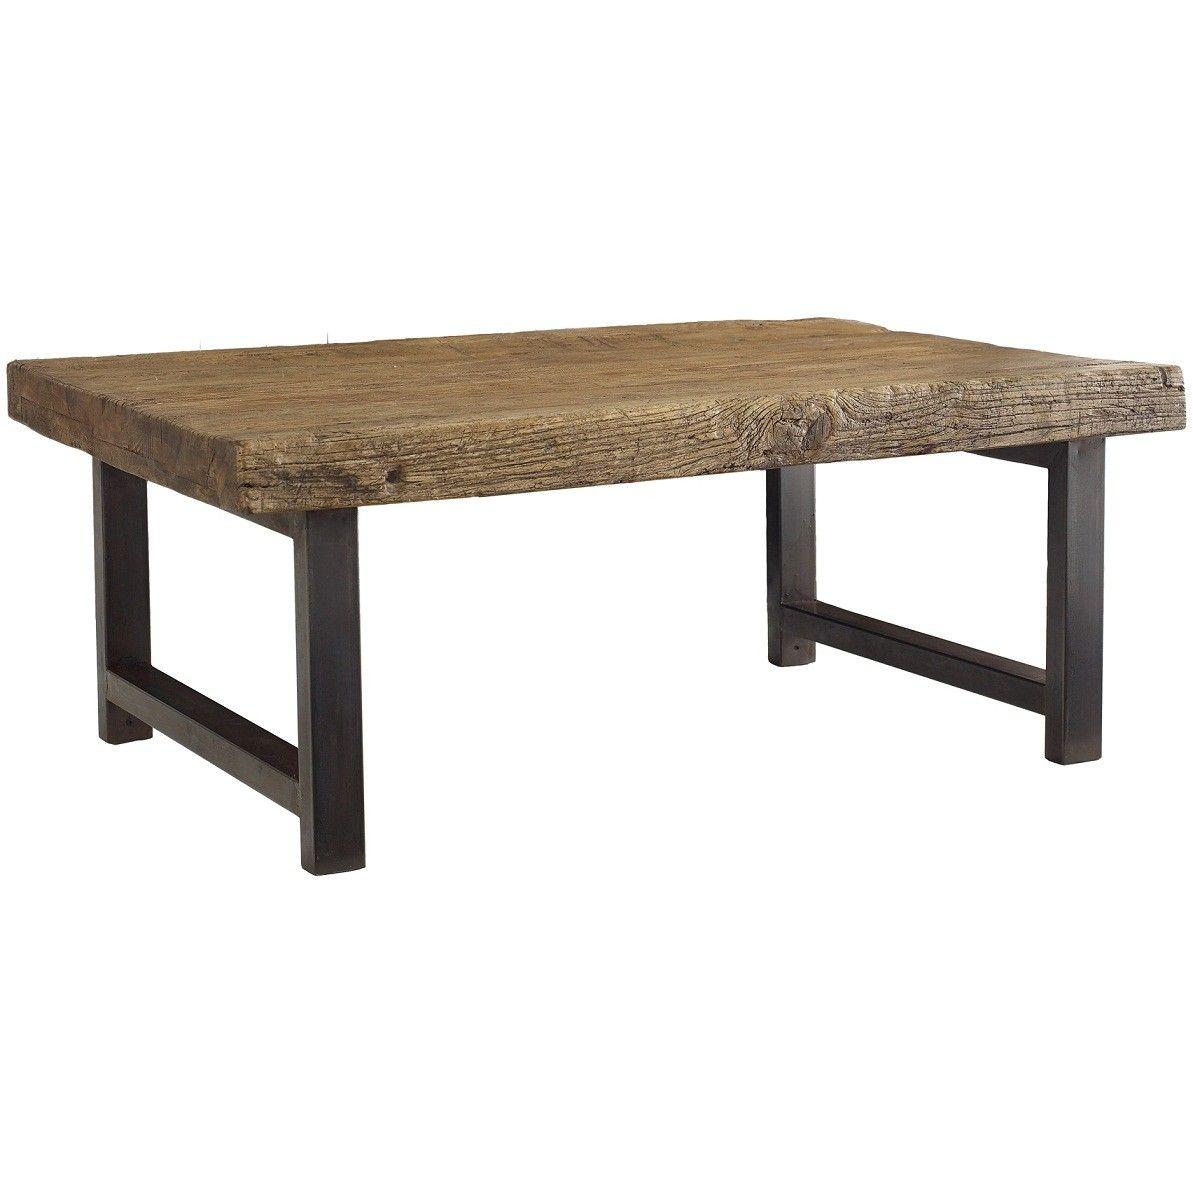 Rustica Iron Leg Coffee Table Coffee Table Coffee Table Design Iron Coffee Table